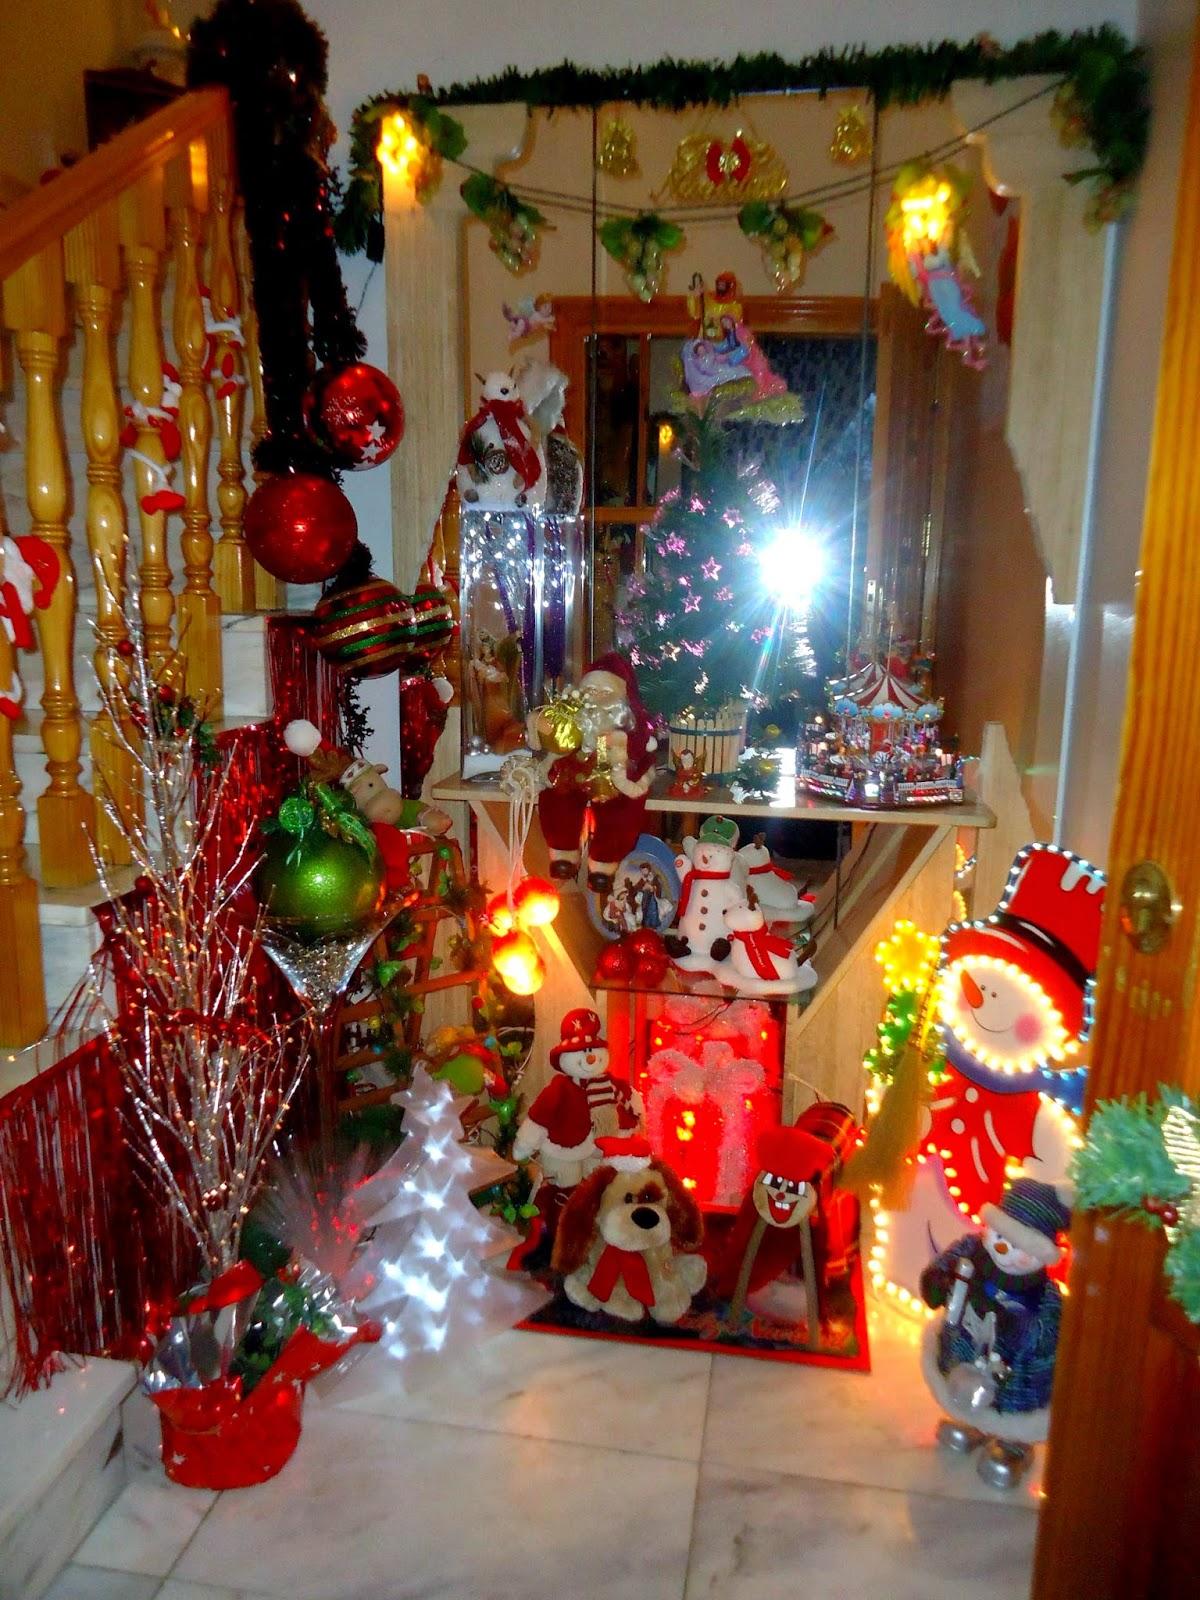 Centro de estudios borjanos decoraci n navide a en una - Decoracion navidena 2014 ...